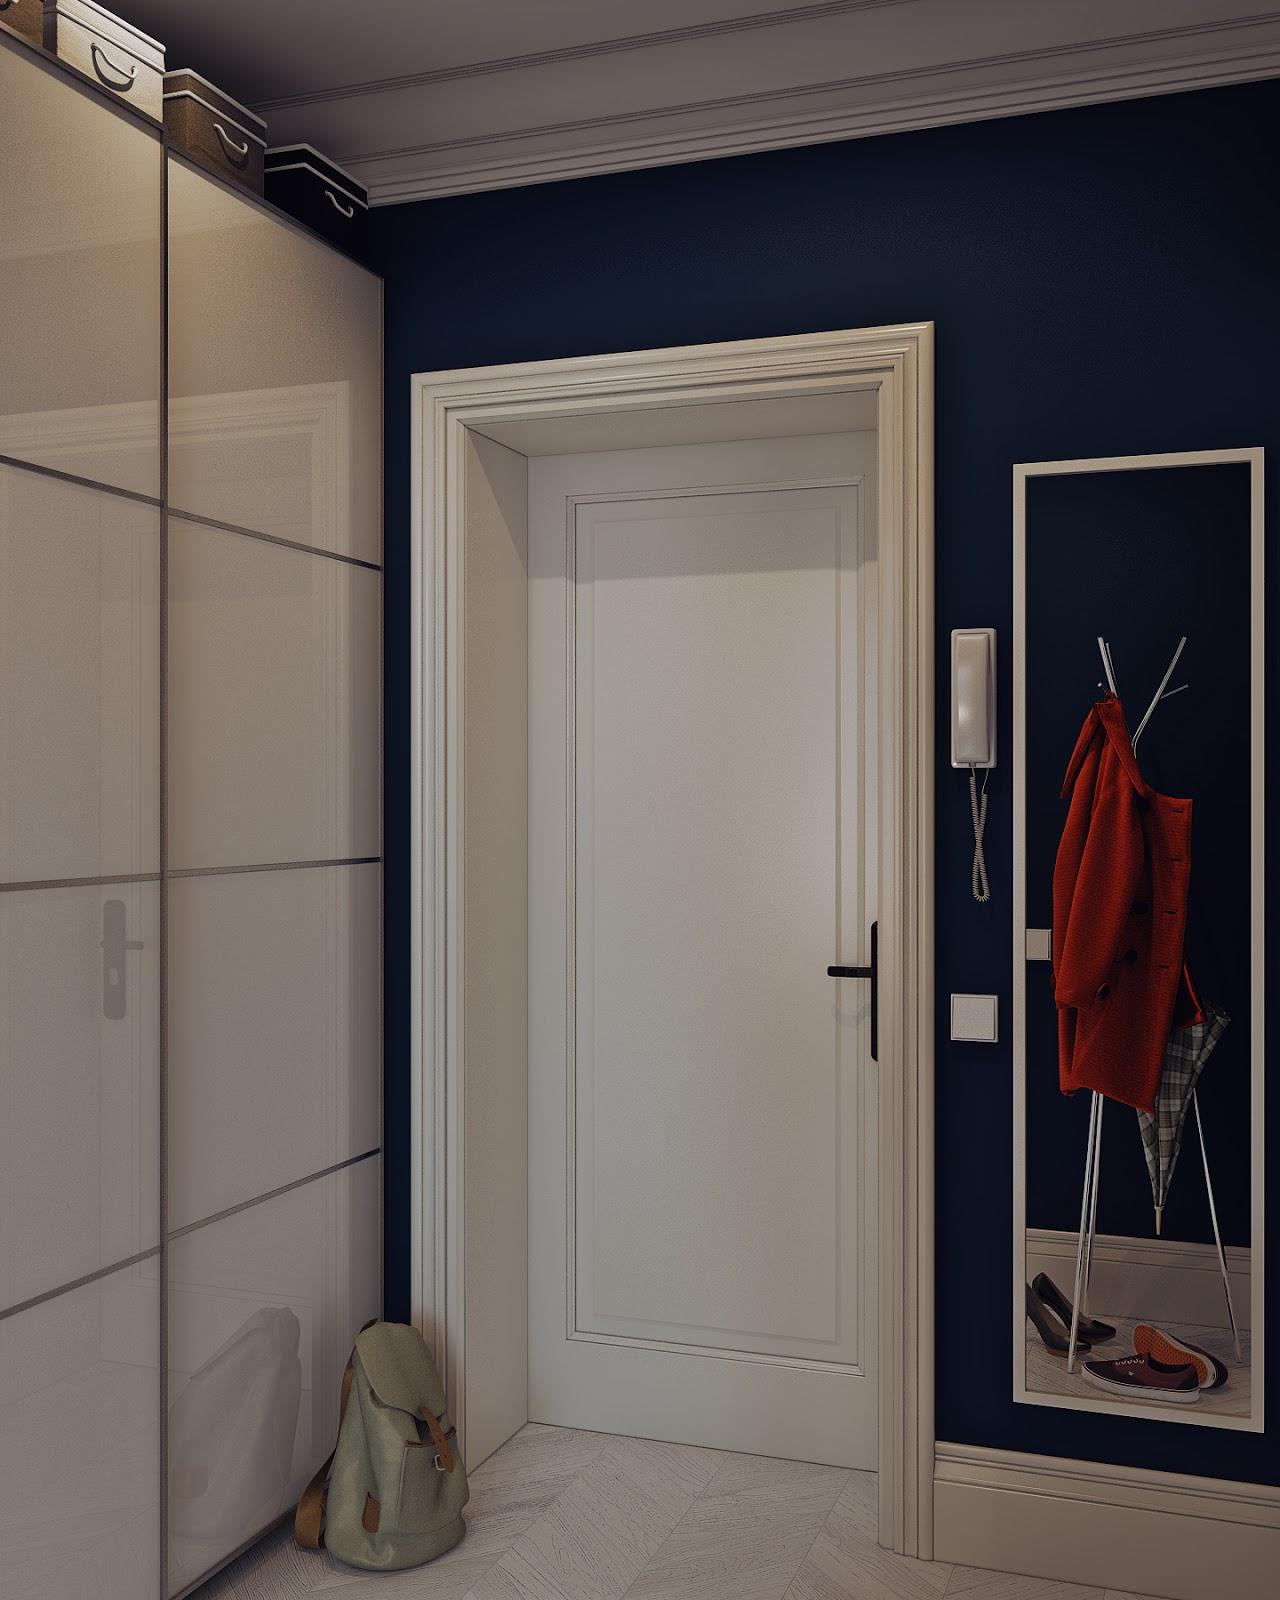 Arredare piccoli spazi giocando con i colori 25 mq for Ingresso anteriore del mudroom